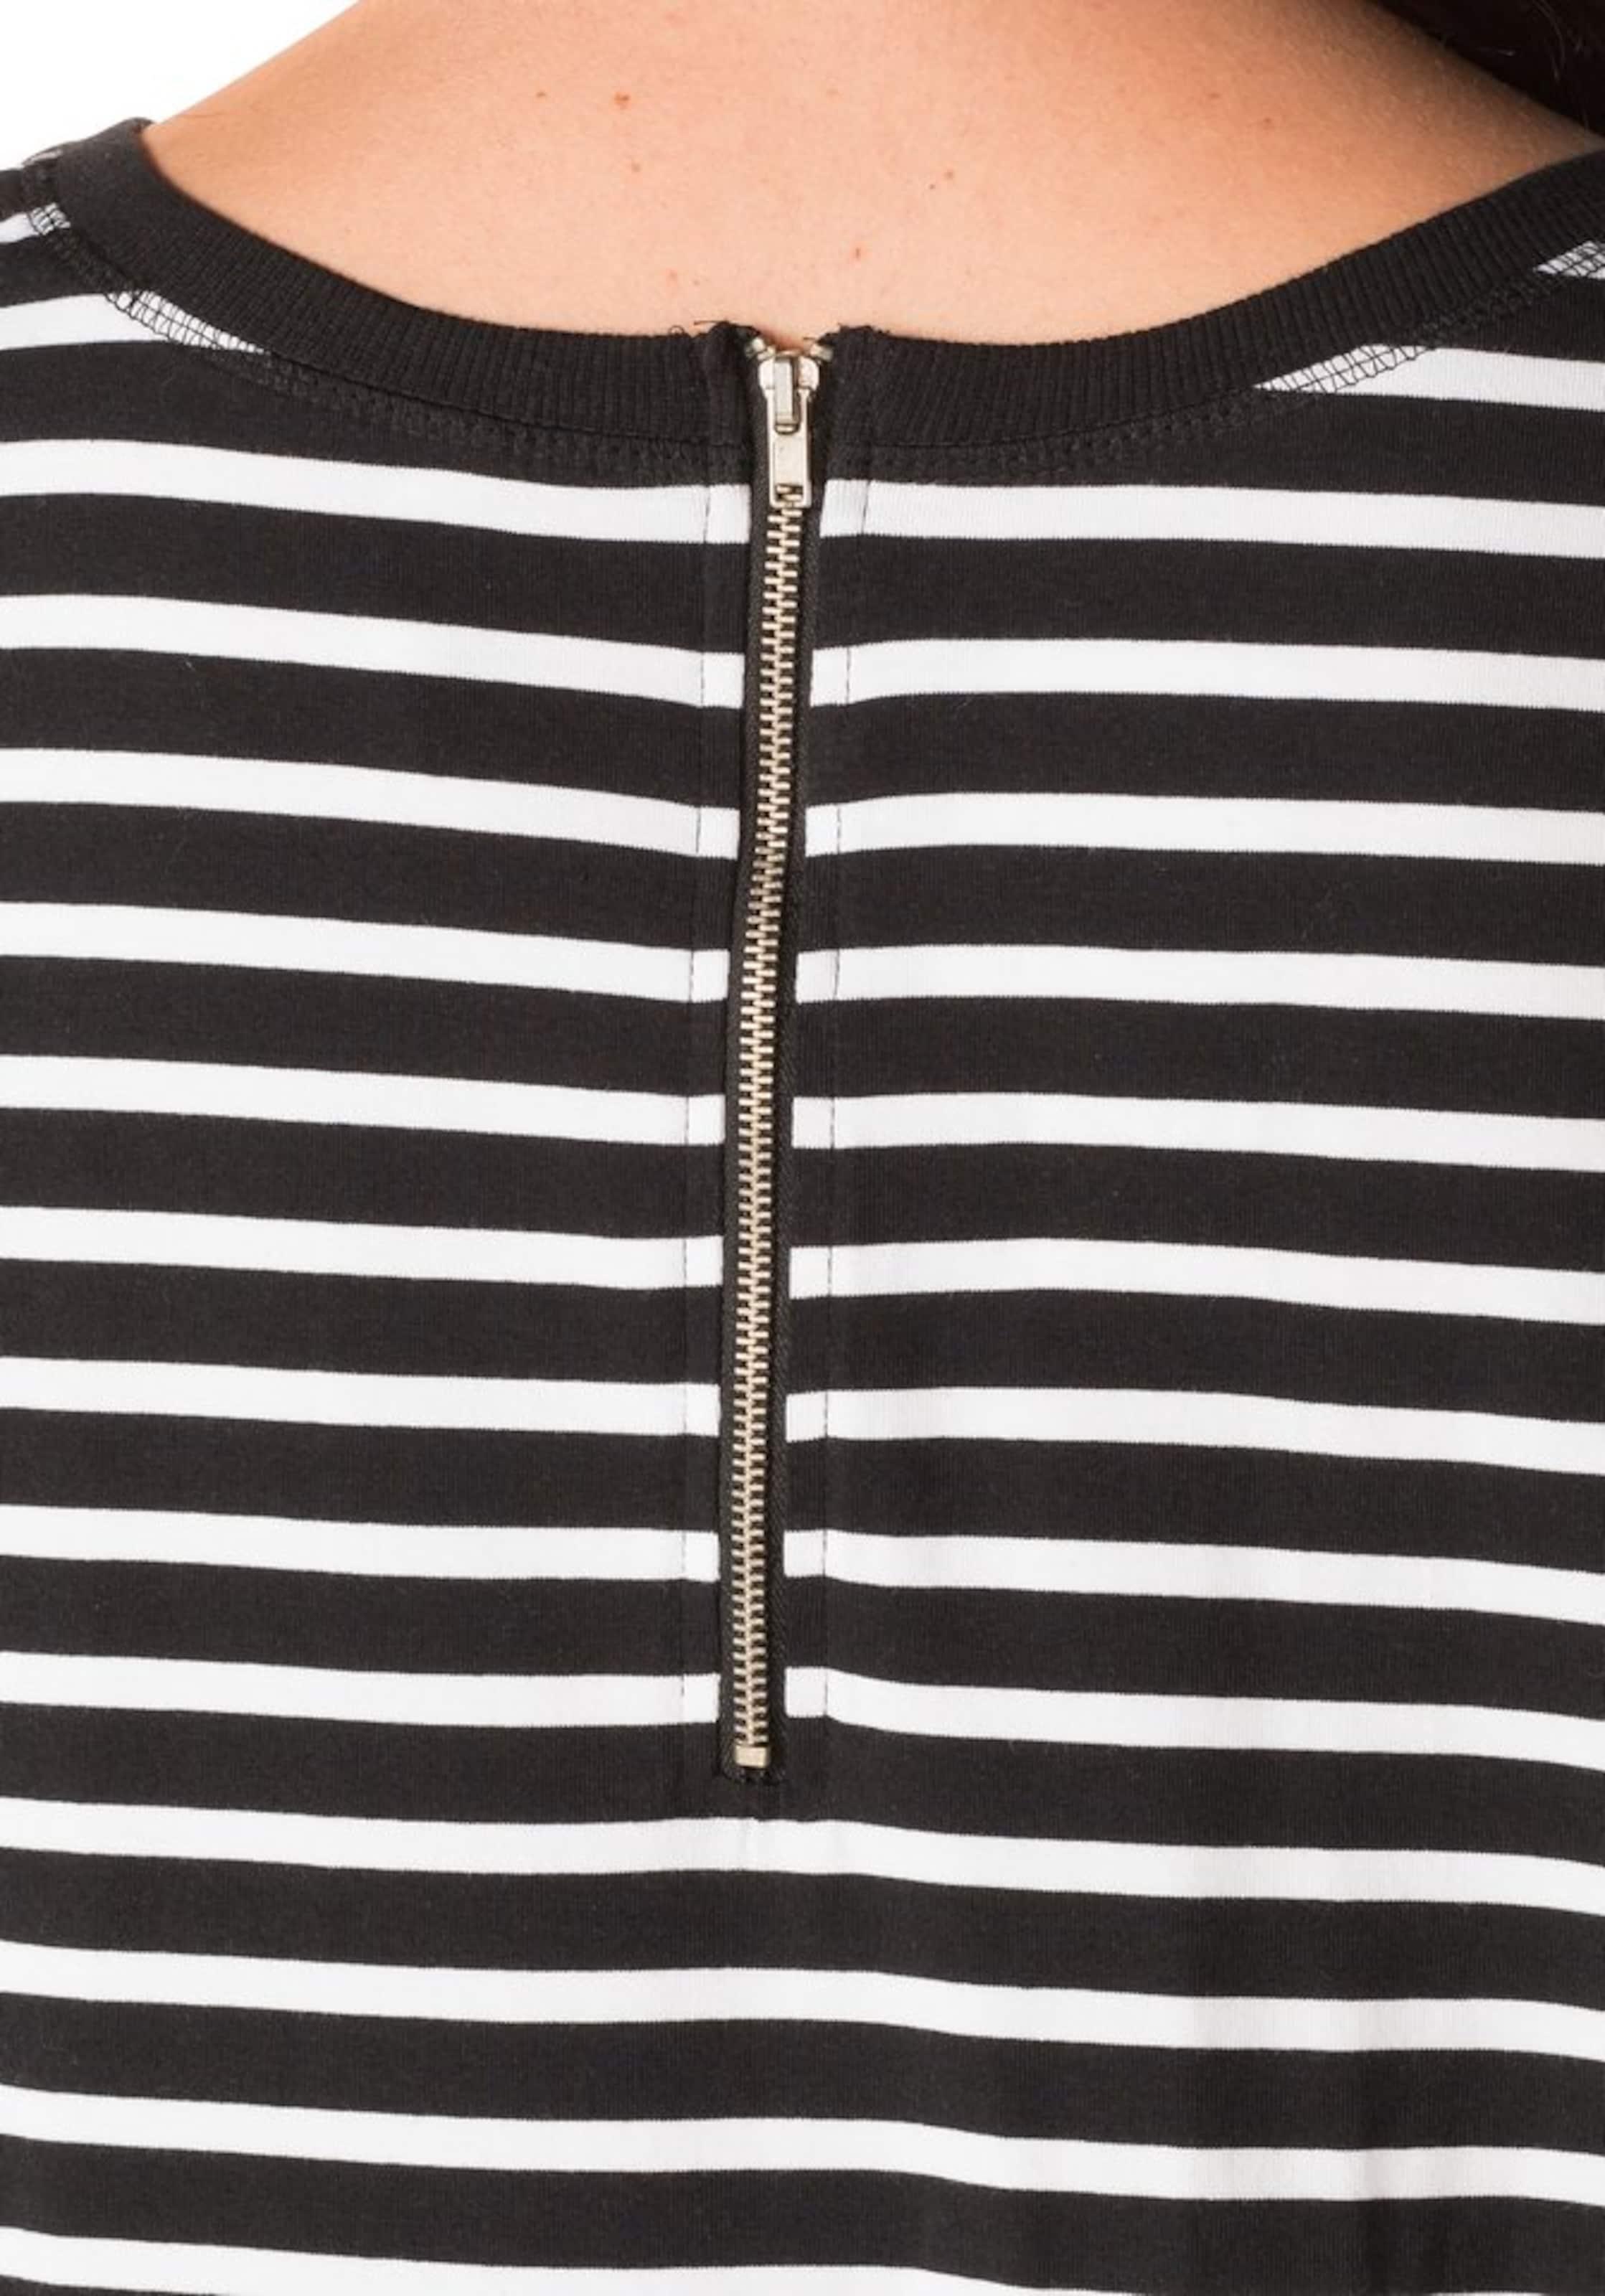 Niedriger Preis Zu Verkaufen sheego casual Longshirt Freies Verschiffen 2018 Unisex cwNGg